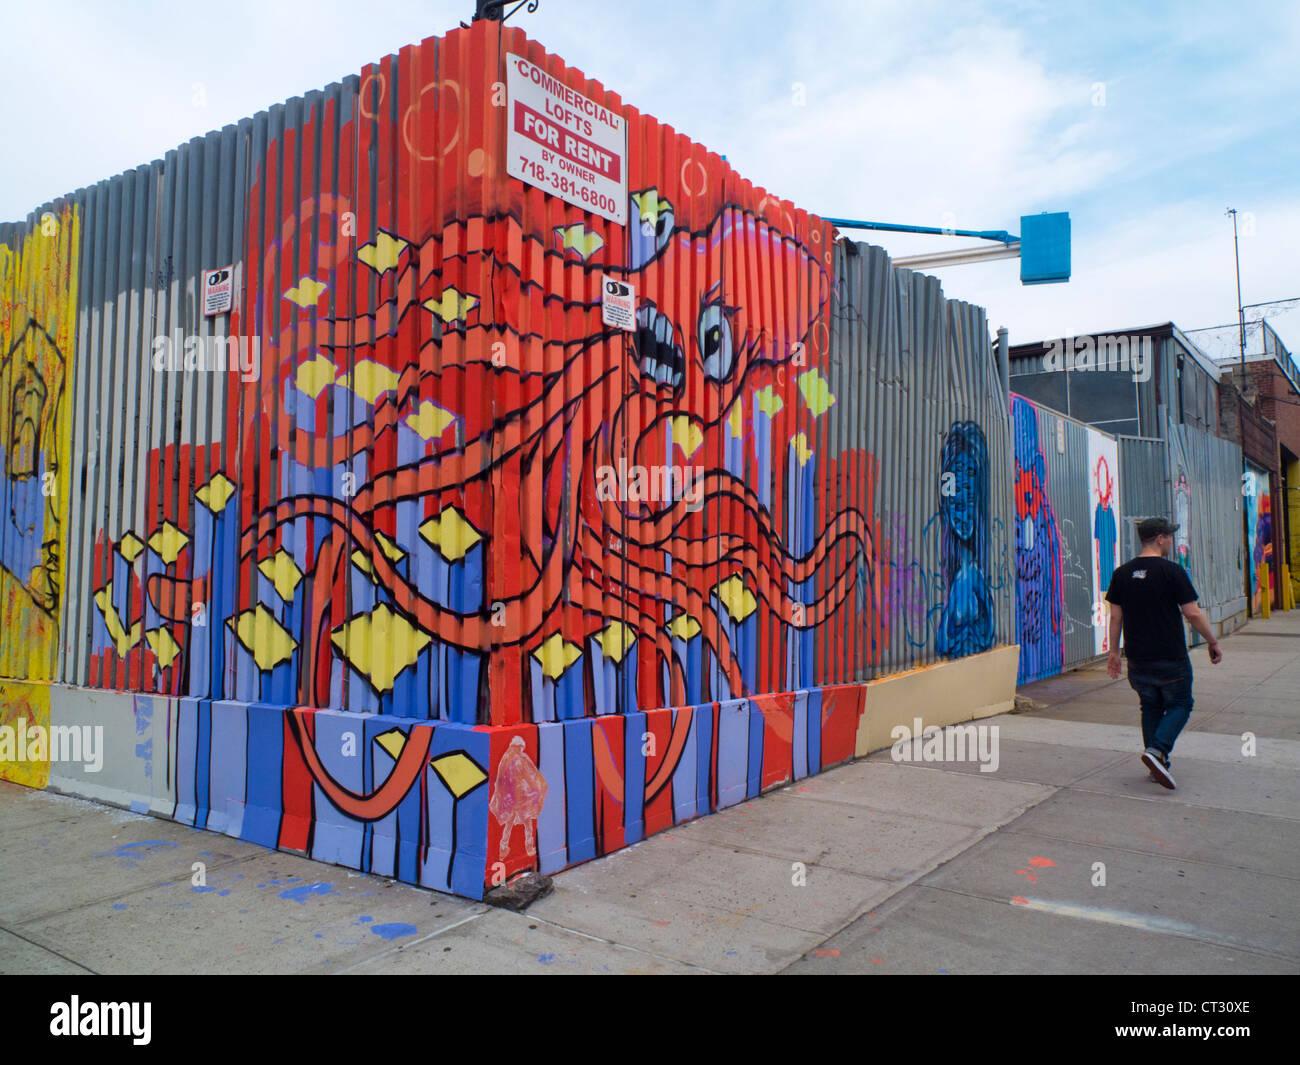 Bushwick Brooklyn Graffiti Street Art